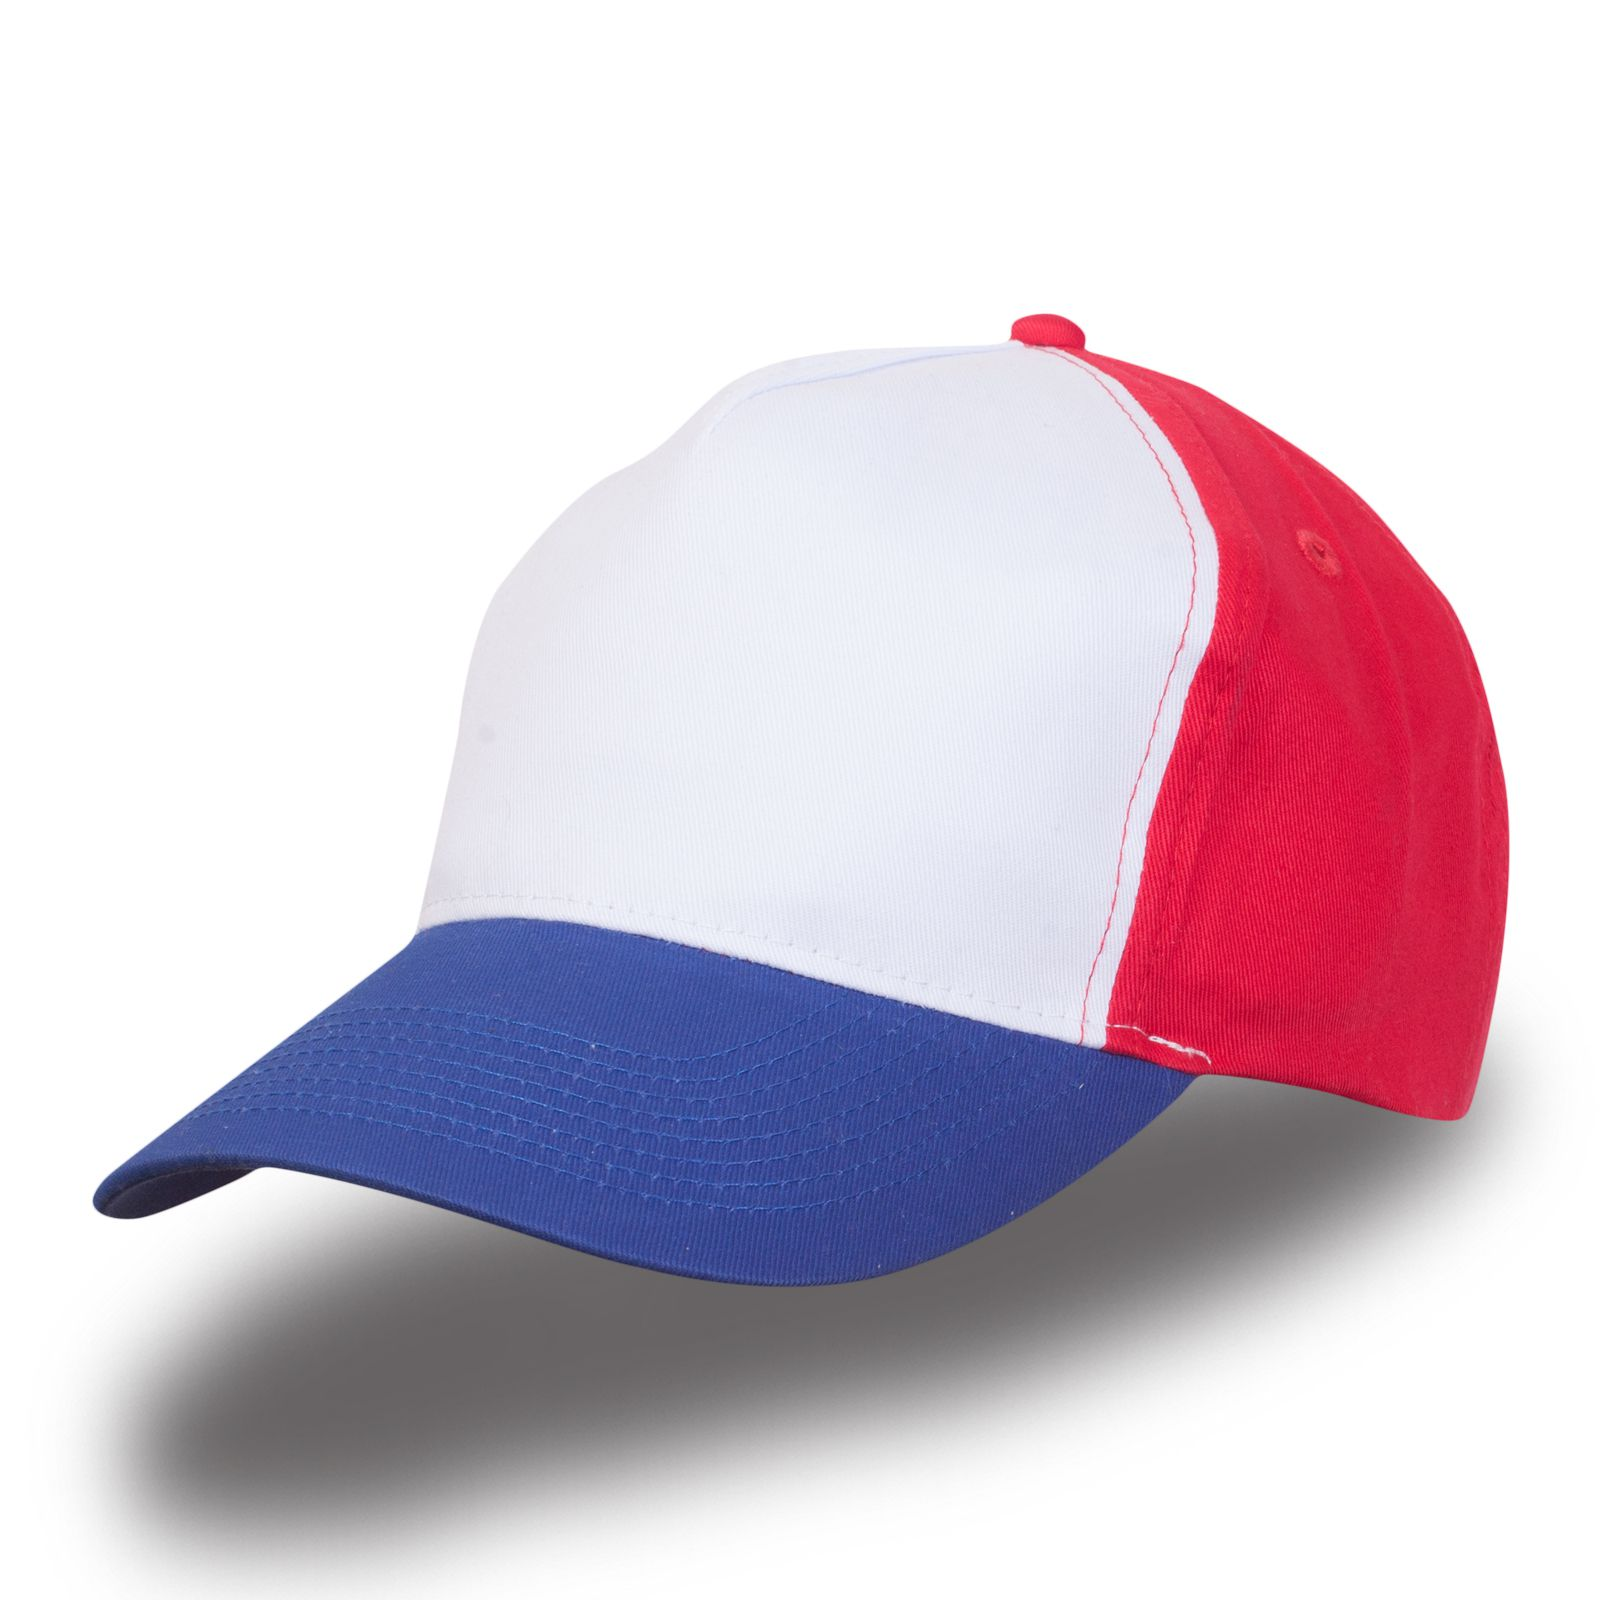 Бейсболка разноцветная - купить в интернет-магазине с доставкой